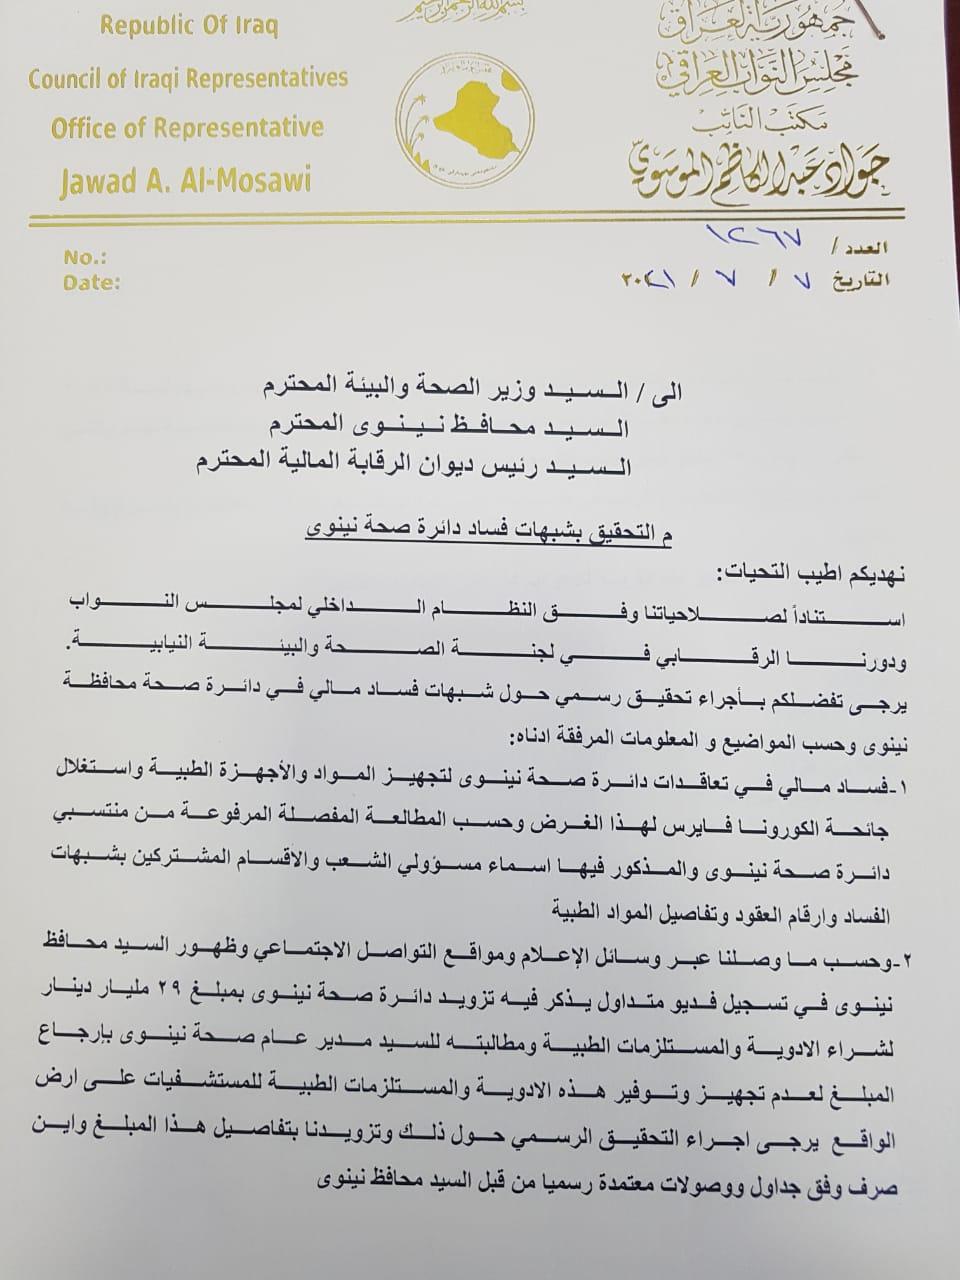 بالوثائق .. الموسوي يطالب بسحب يد مدير صحة نينوى على خلفية شبهات فساد بمبلغ 50 مليار